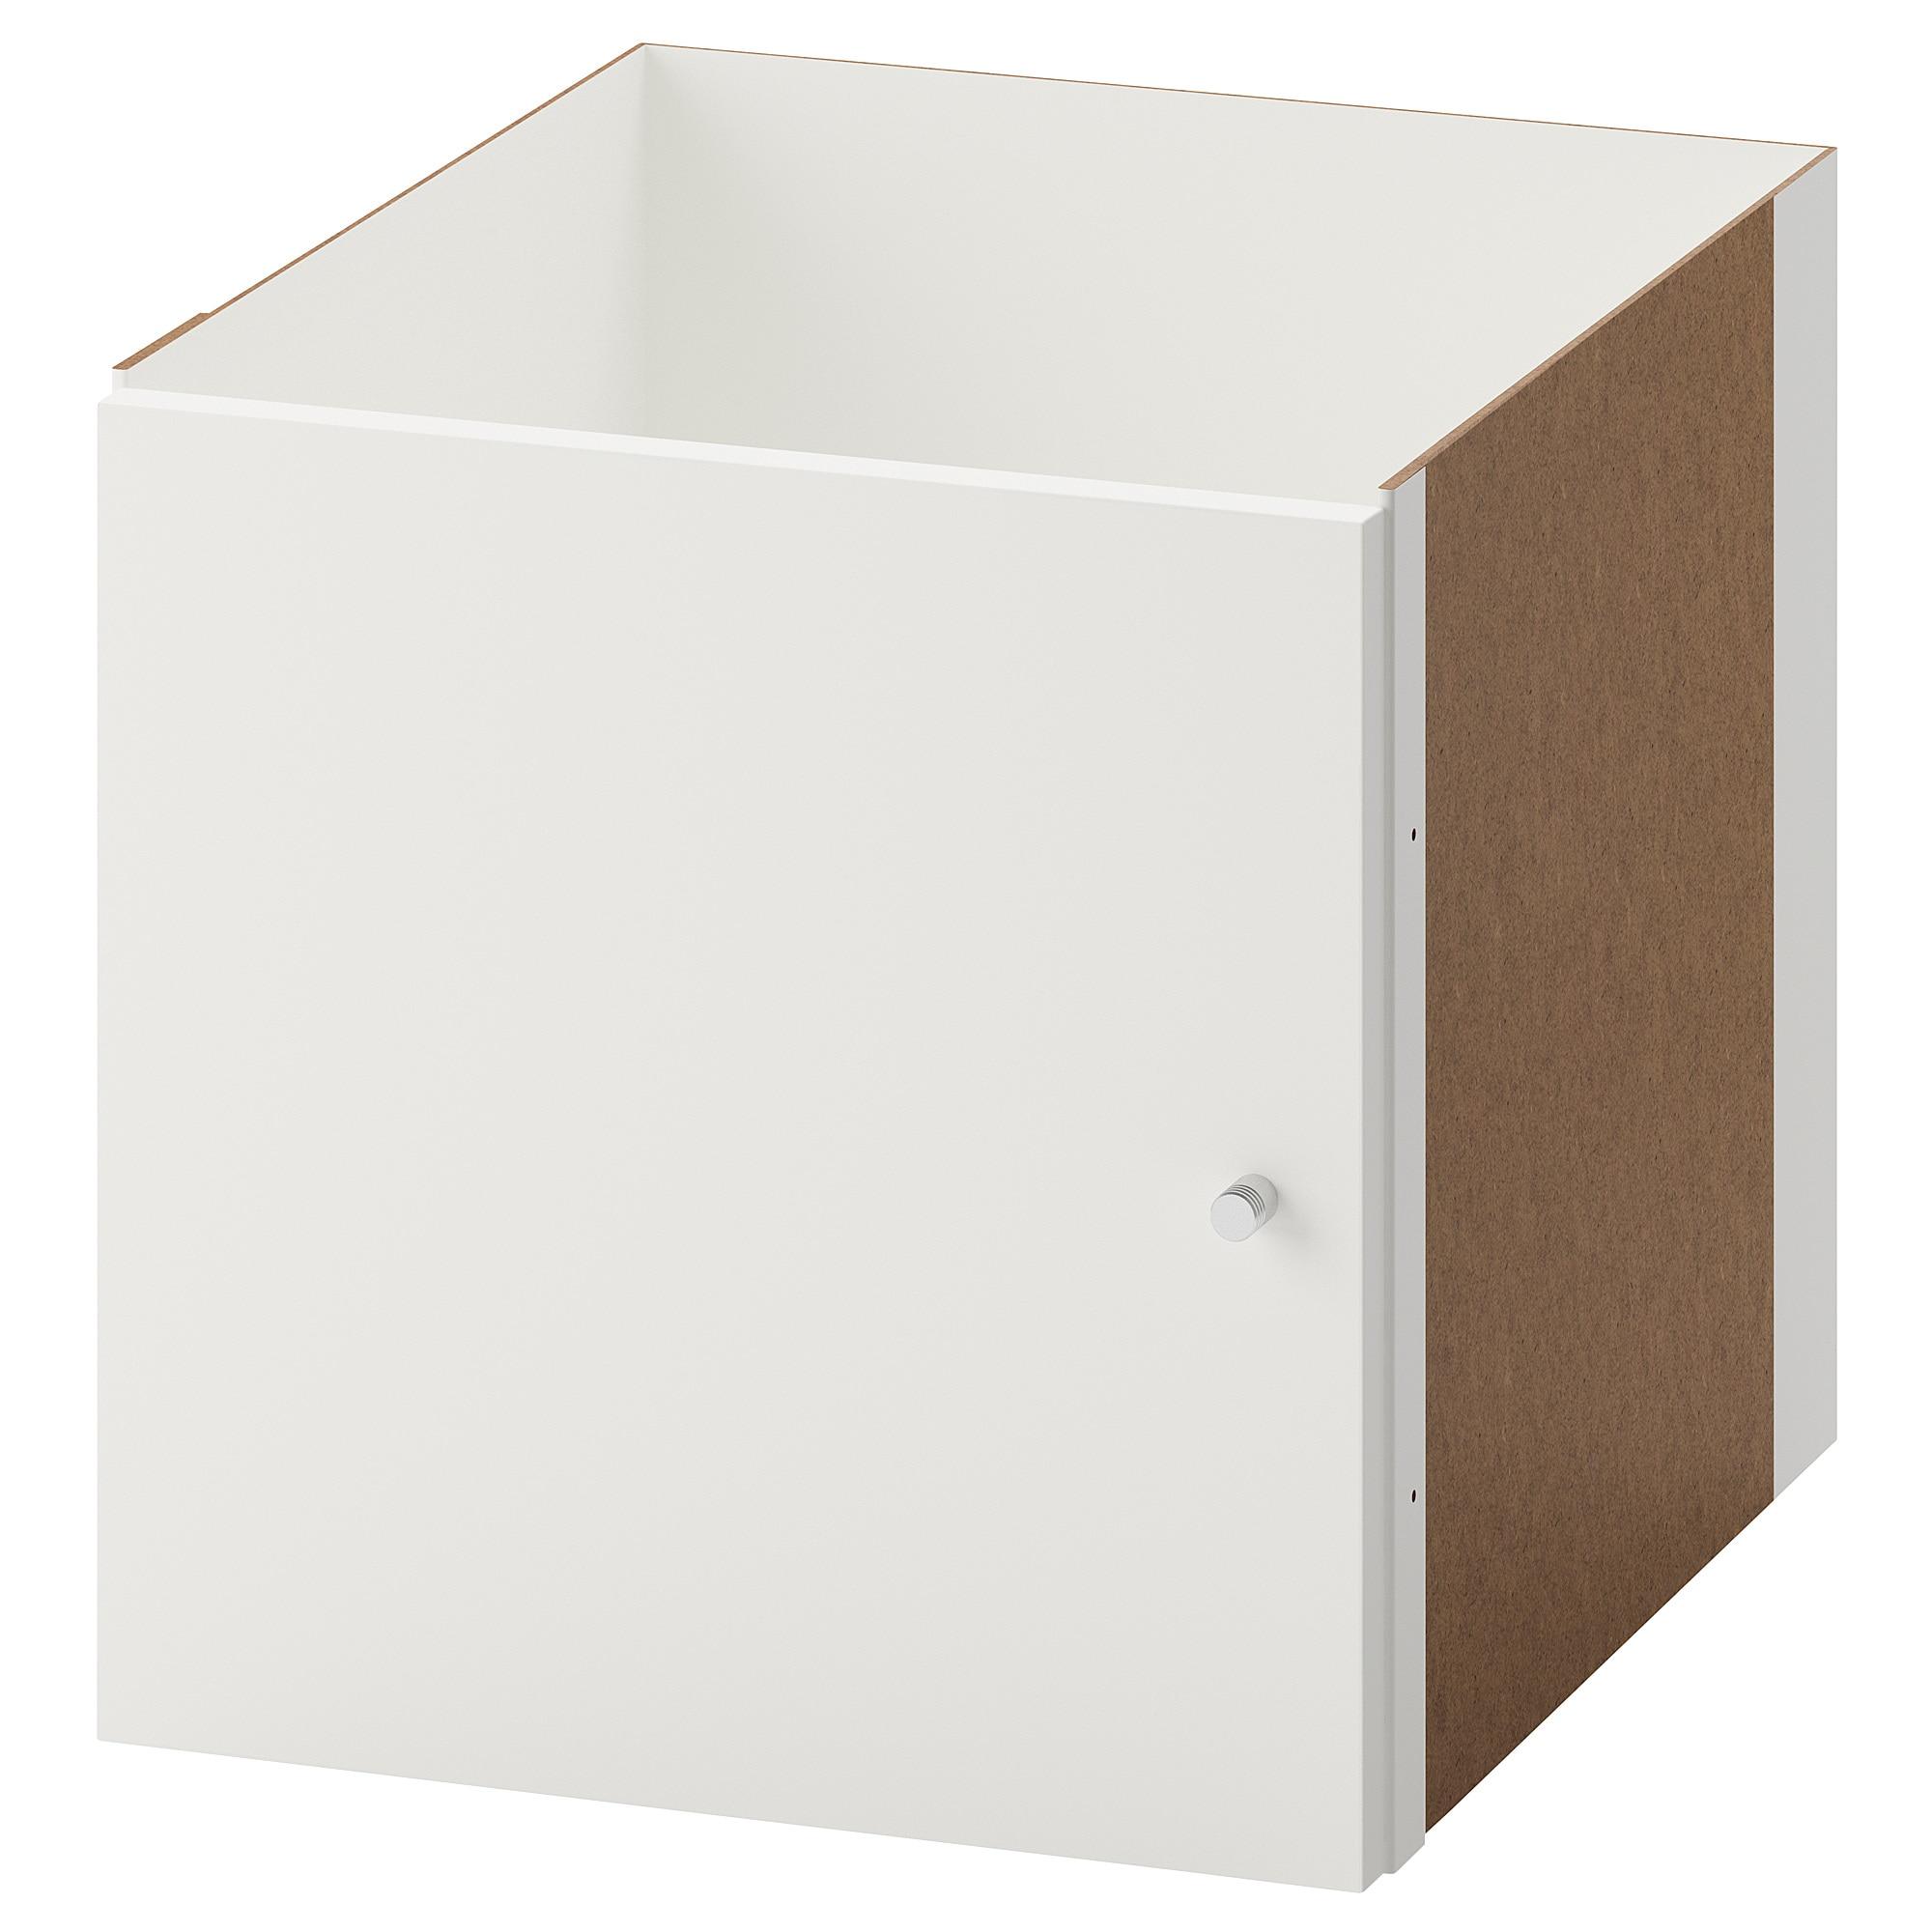 Kallx Insert With Door